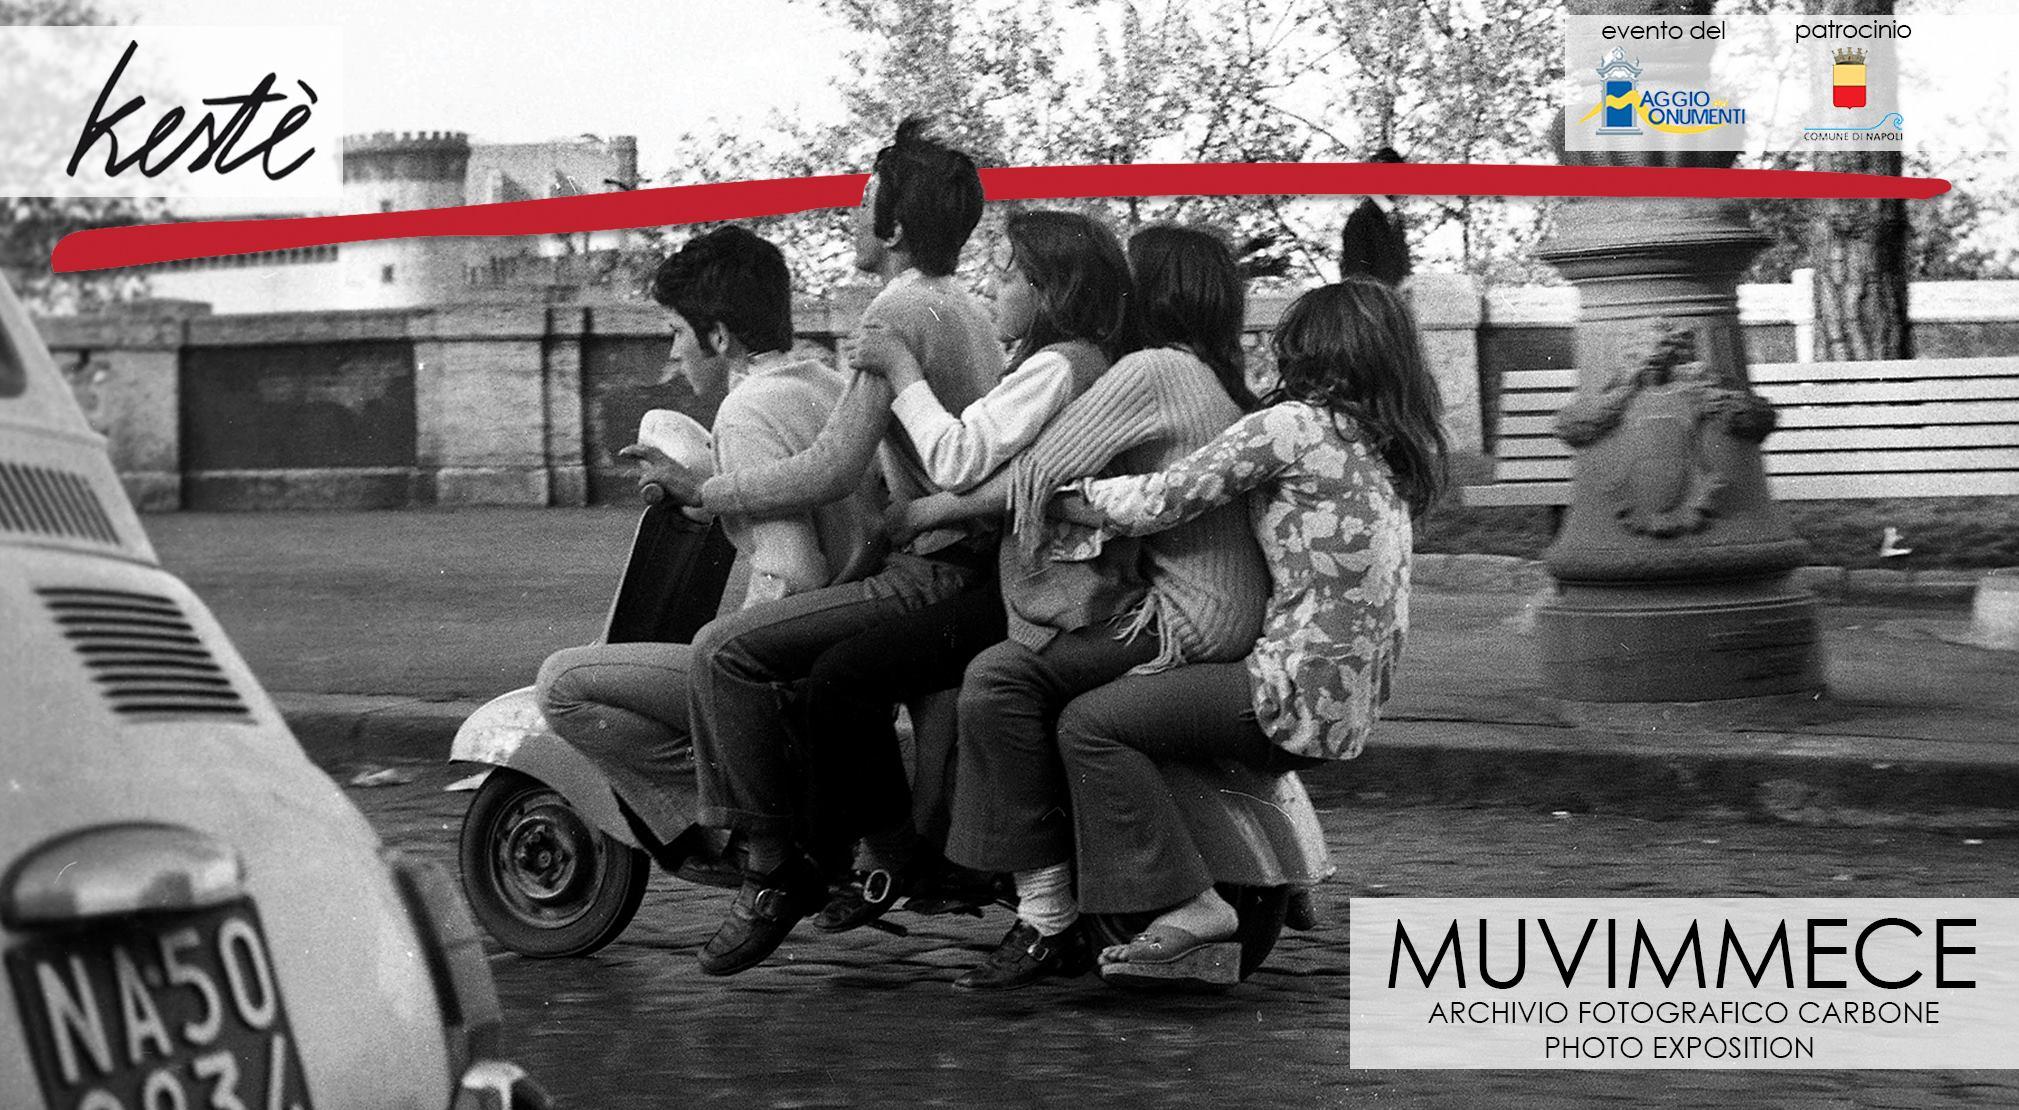 'Muvimmece', la mostra fotografica che racconta i trasporti a Napoli 50 anni fa